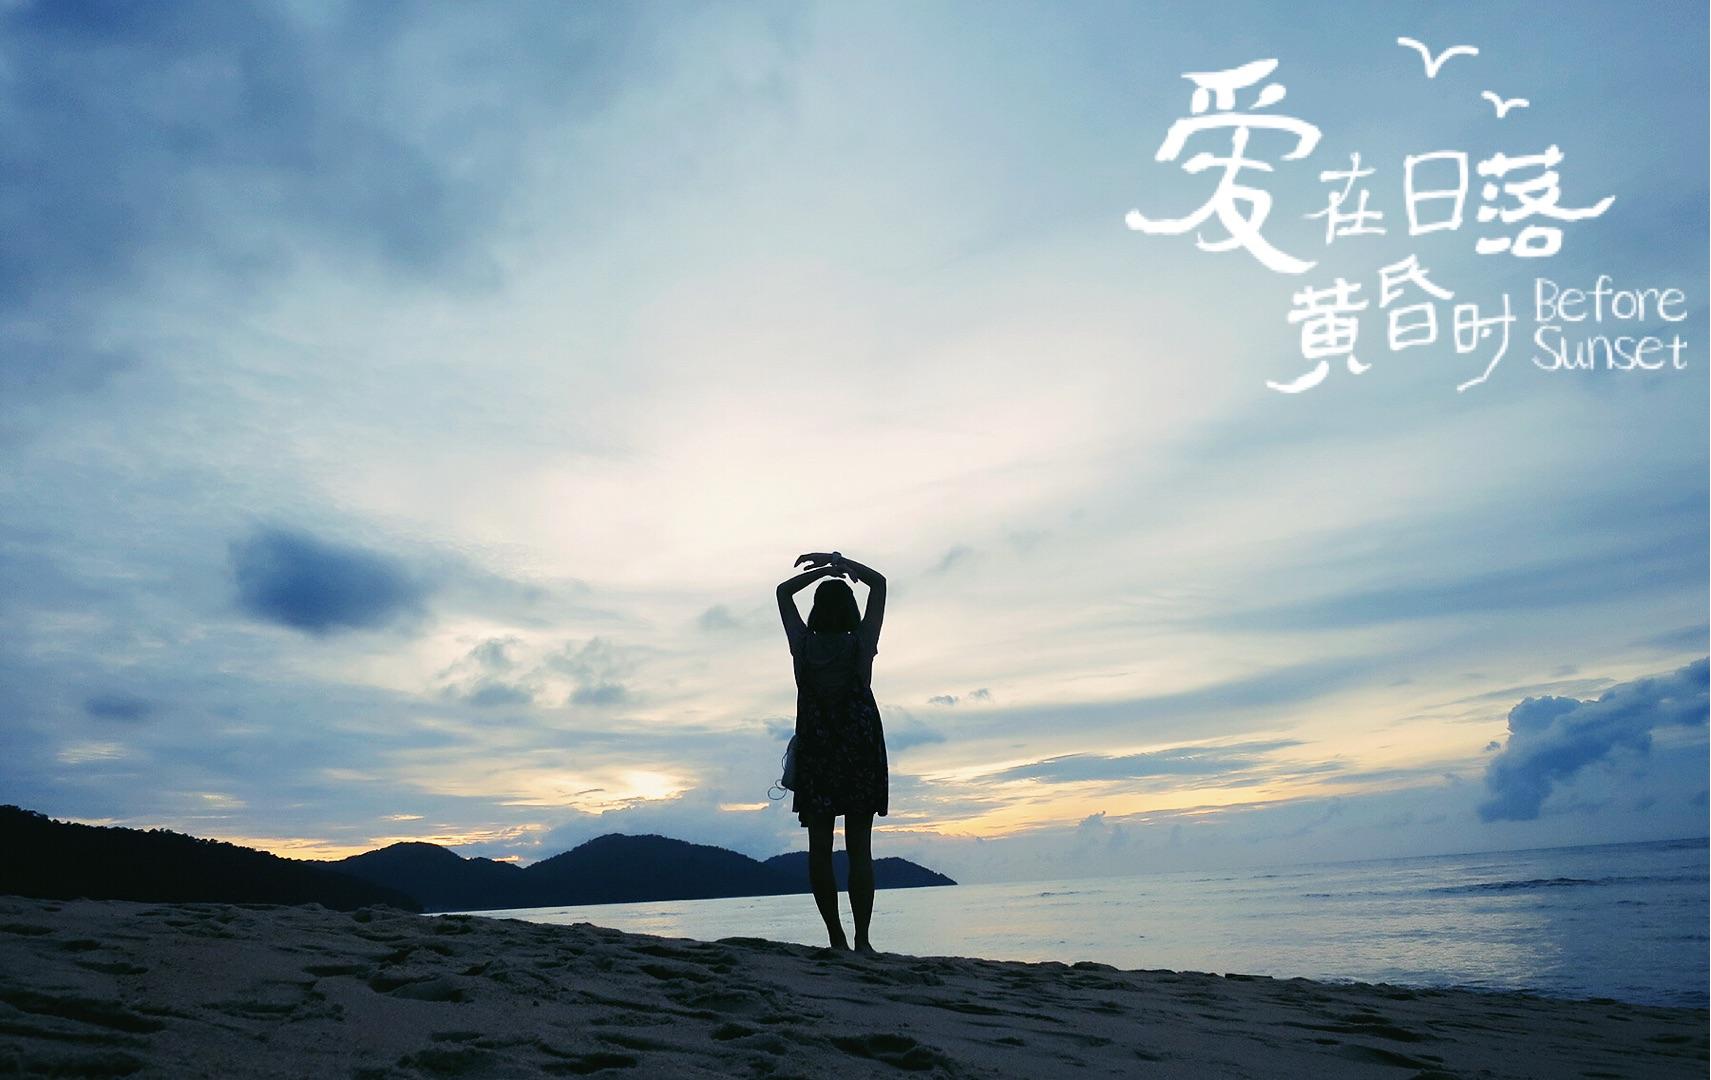 爱在日落黄昏时# #背影女神# #和日落聊聊天